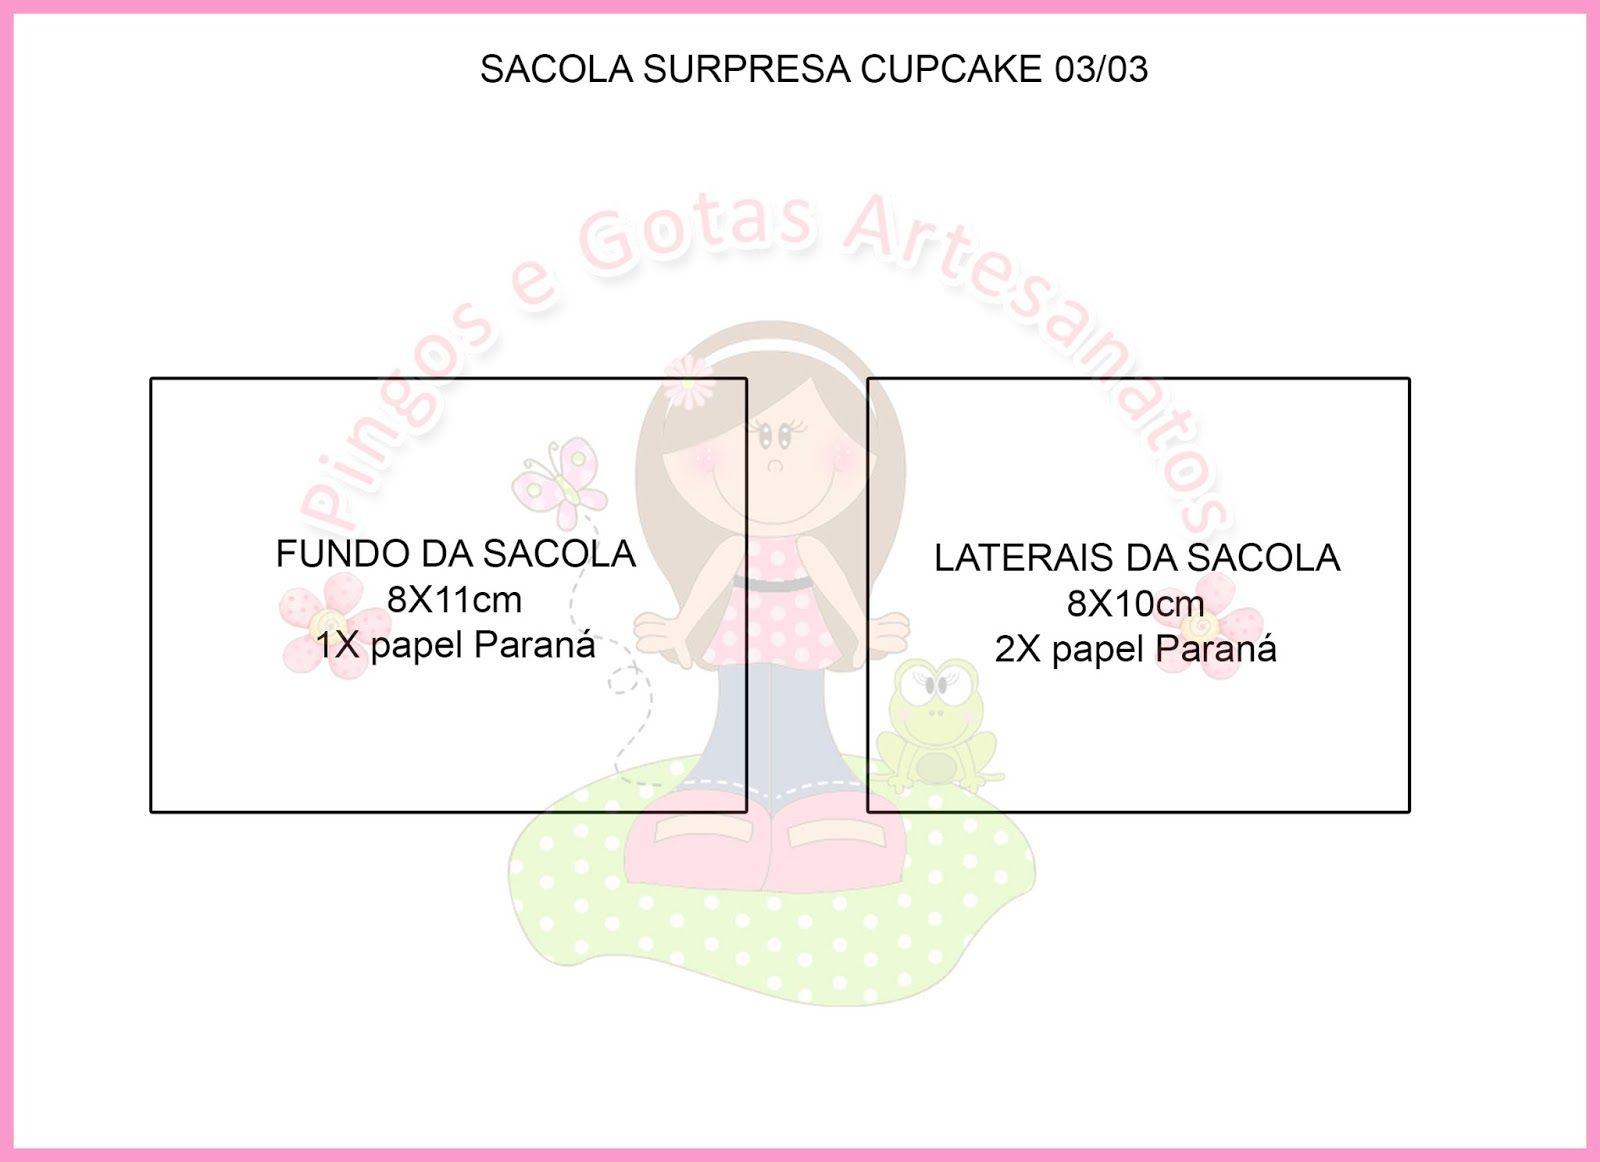 Pingos e Gotas: Passo-a-passo Sacola Surpresa Cupcake